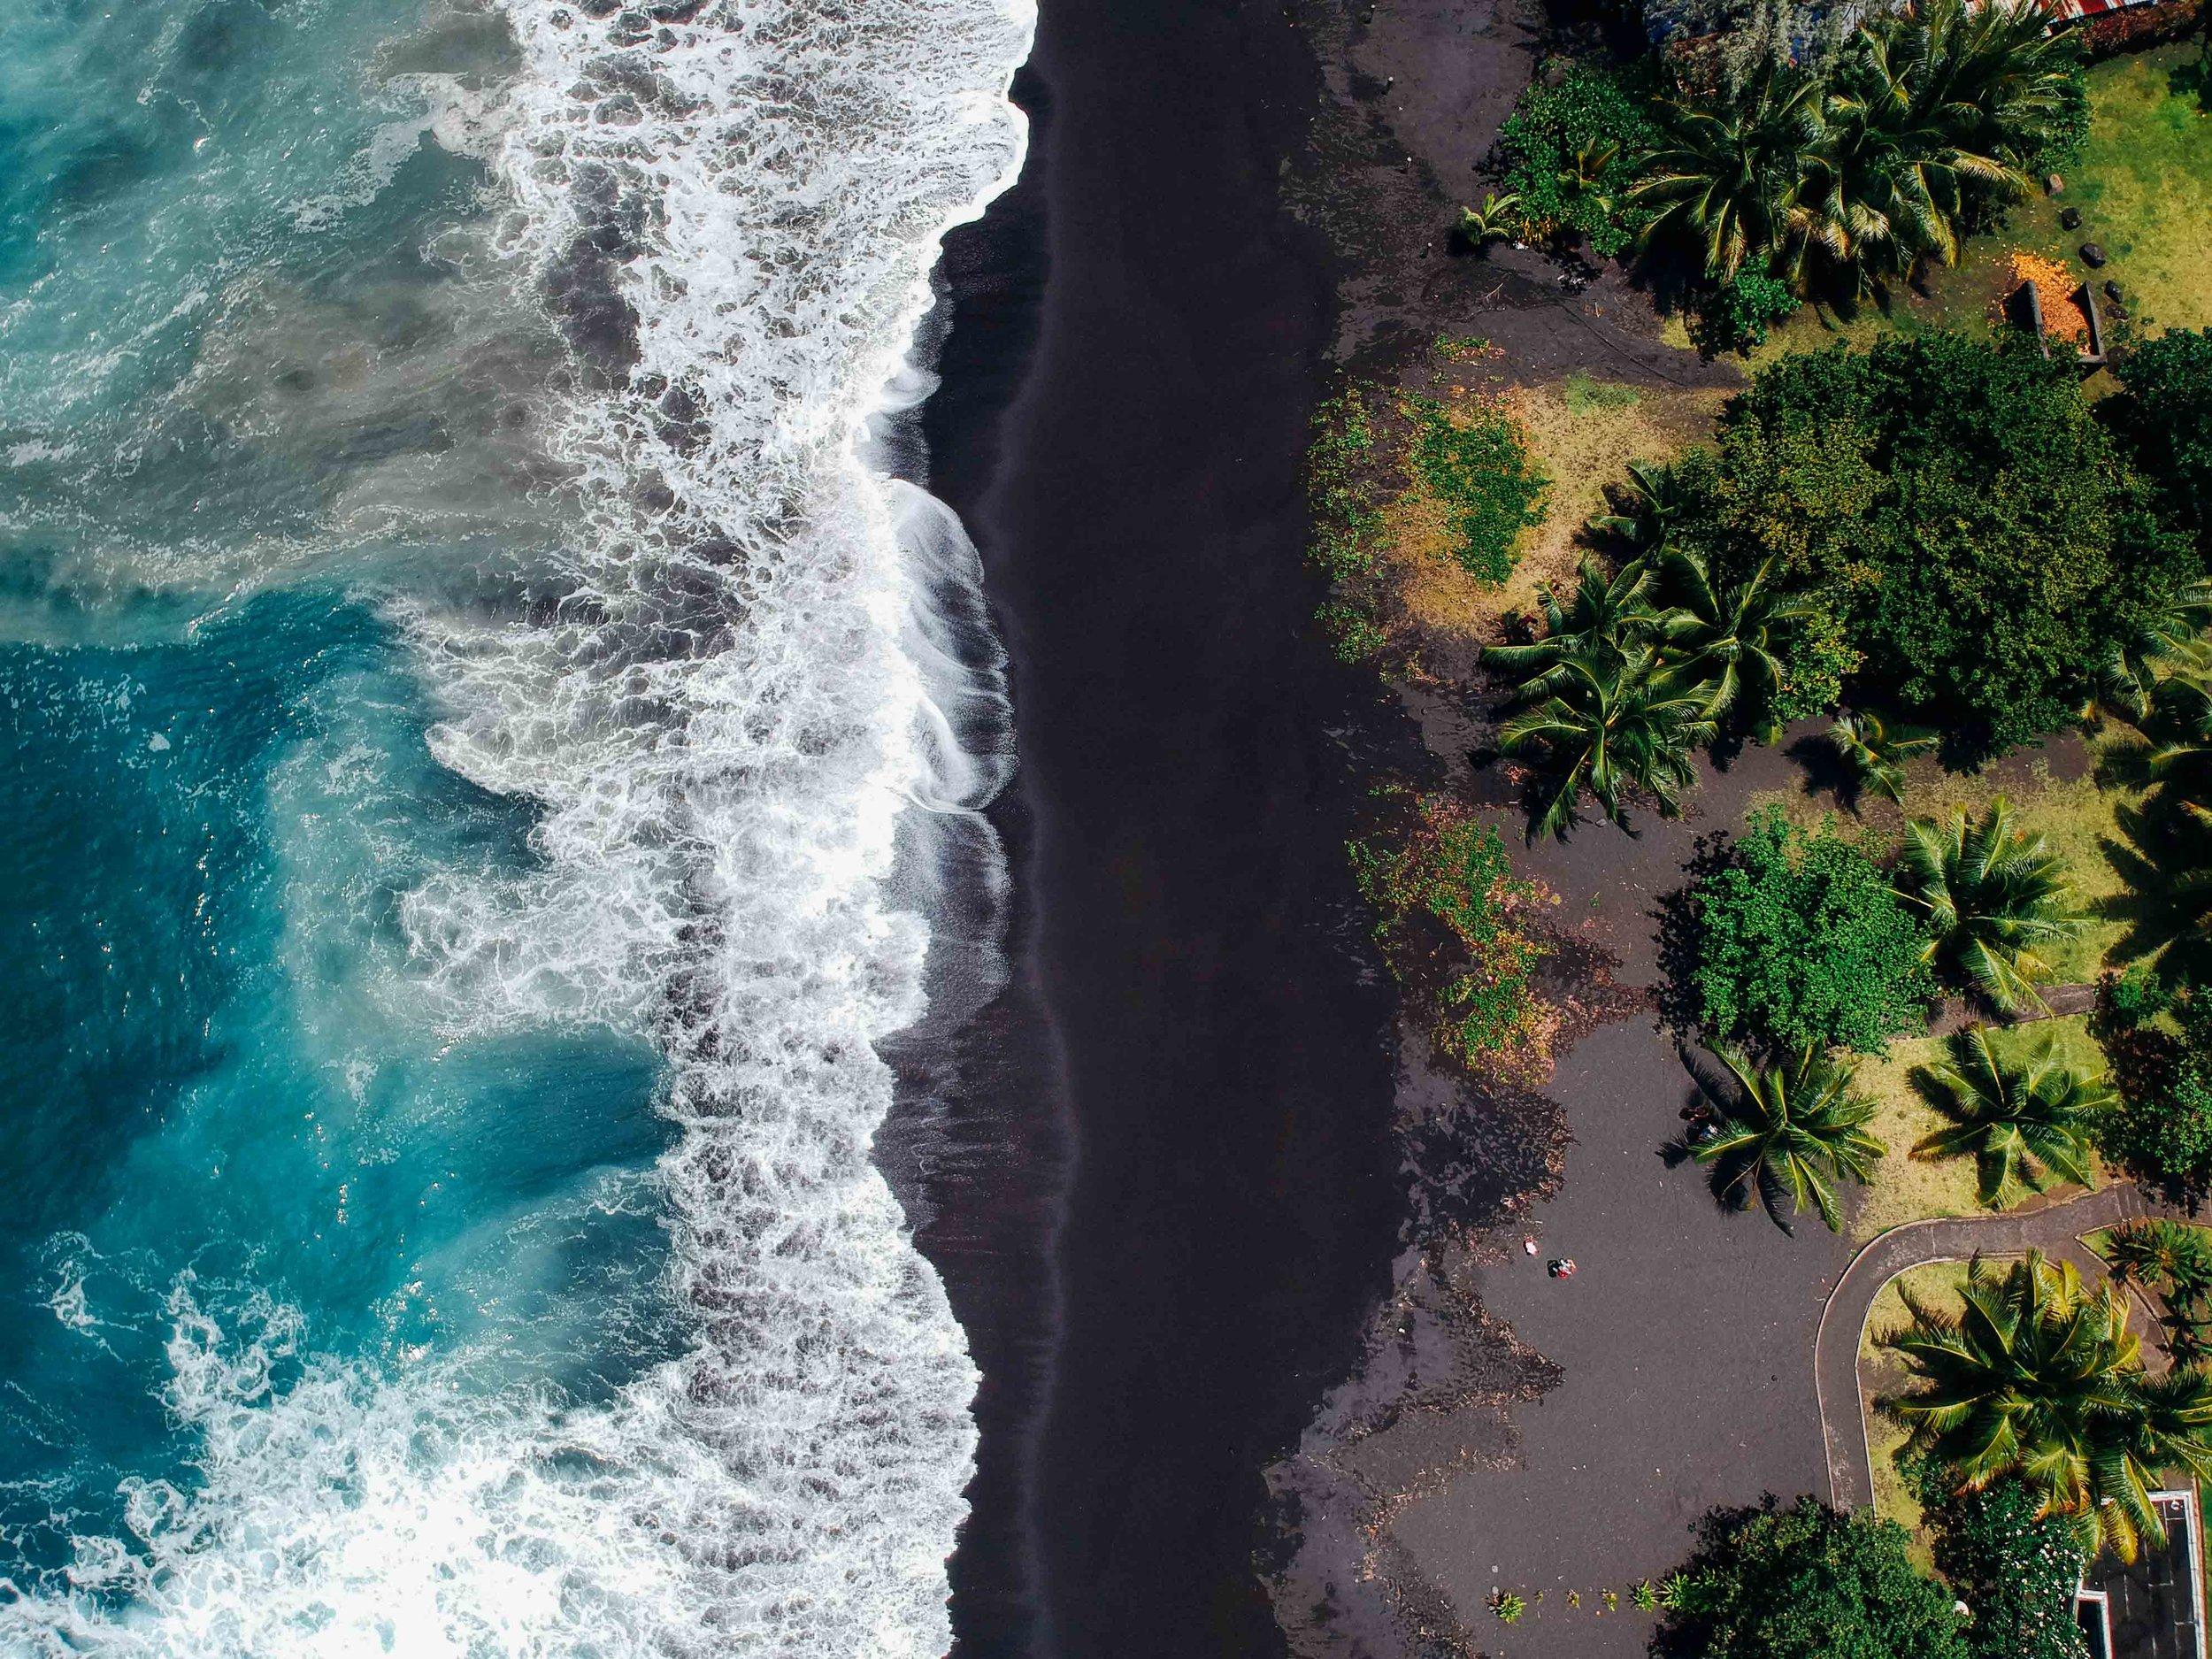 tahiti-black-sand-beach.jpg